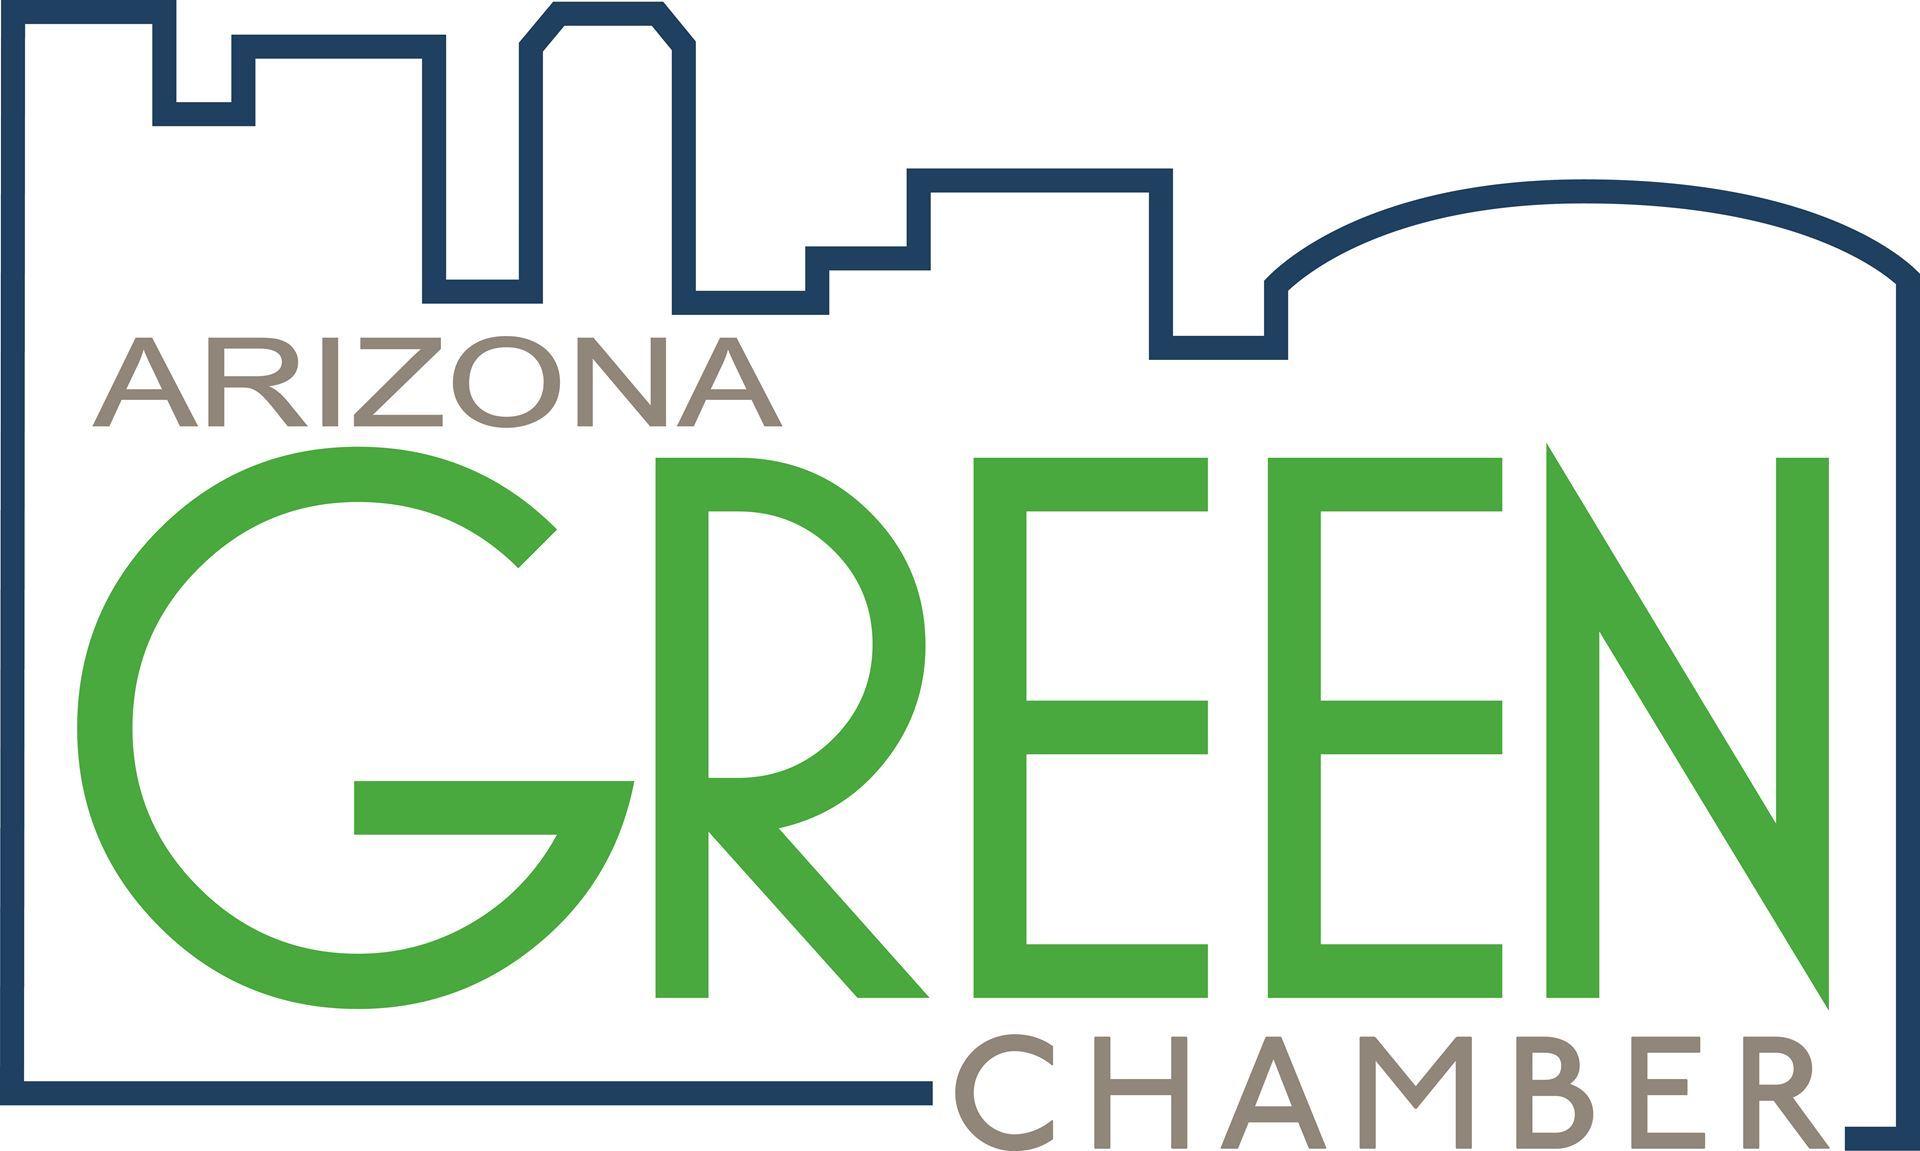 Arizona Green Chamber of Commerce